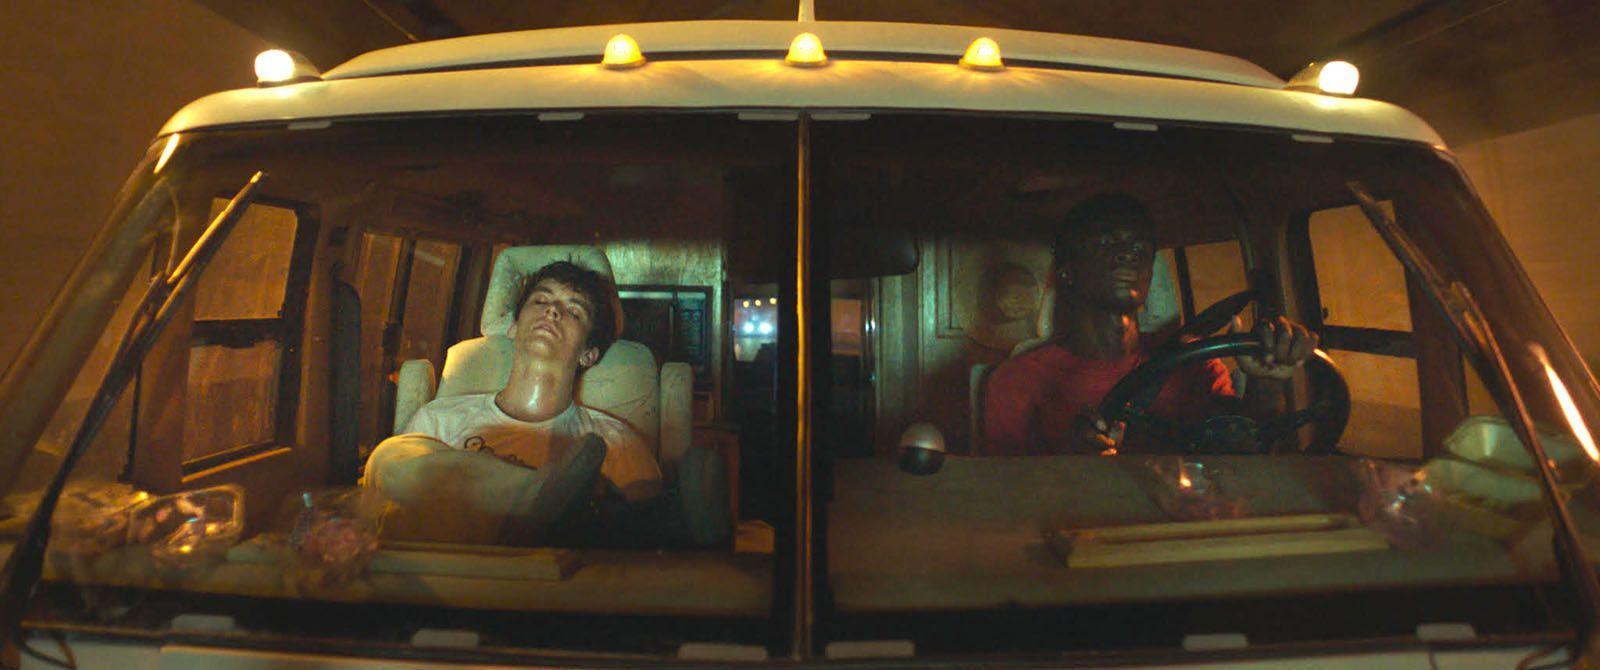 Roads (BANDE-ANNONCE) avec Stéphane Bak, Fionn Whitehead - Le 17 juillet 2019 au cinéma